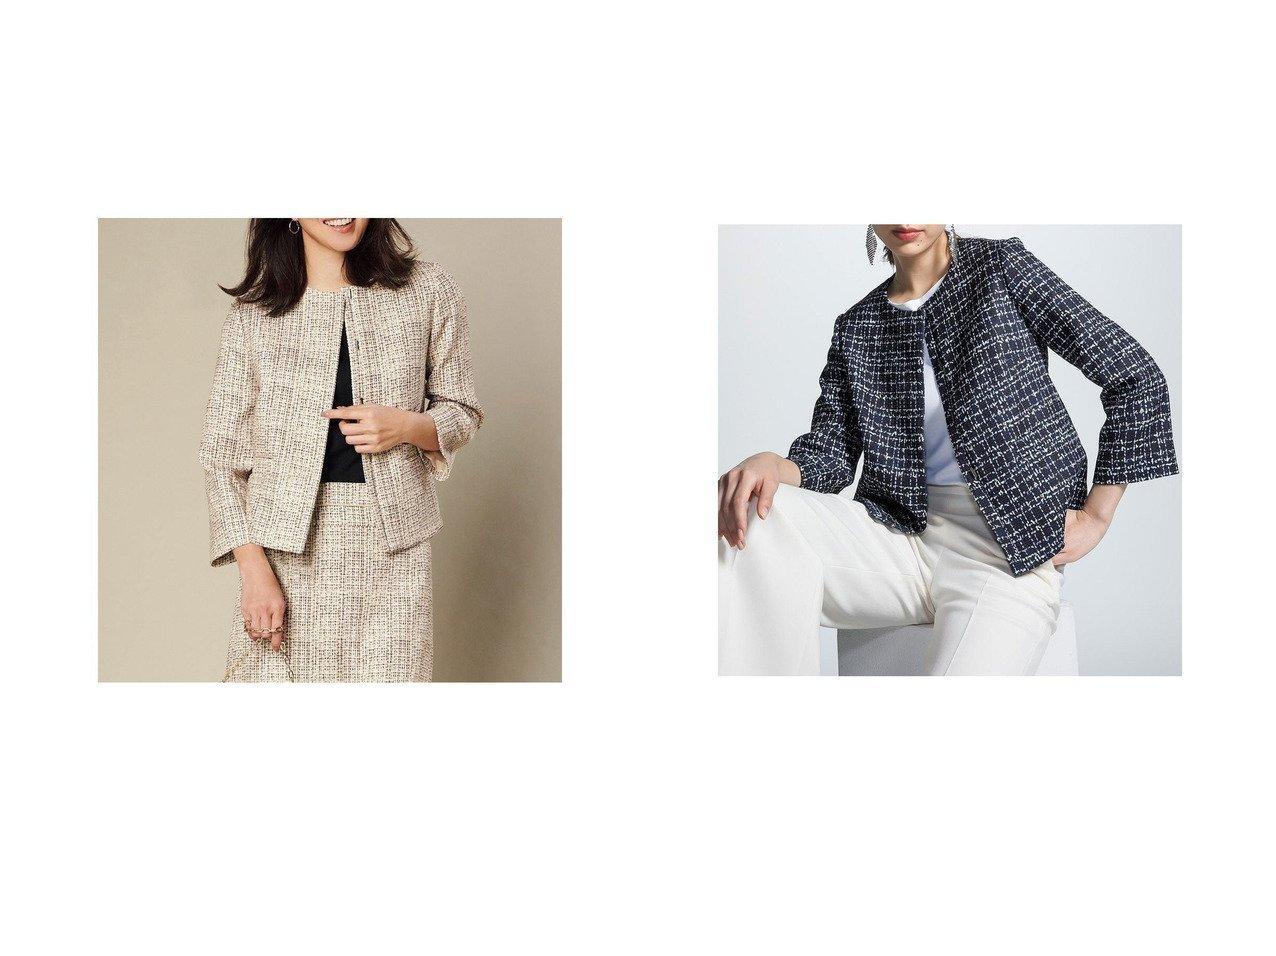 【DoCLASSE/ドゥクラッセ】のななこ織 ノーカラージャケット アウターのおすすめ!人気、トレンド・レディースファッションの通販 おすすめで人気の流行・トレンド、ファッションの通販商品 メンズファッション・キッズファッション・インテリア・家具・レディースファッション・服の通販 founy(ファニー) https://founy.com/ ファッション Fashion レディースファッション WOMEN アウター Coat Outerwear ジャケット Jackets ノーカラージャケット No Collar Leather Jackets 2020年 2020 2020 春夏 S/S SS Spring/Summer 2020 S/S 春夏 SS Spring/Summer カッティング シンプル ジャケット ツイード プリント リアル 春 Spring  ID:crp329100000023596